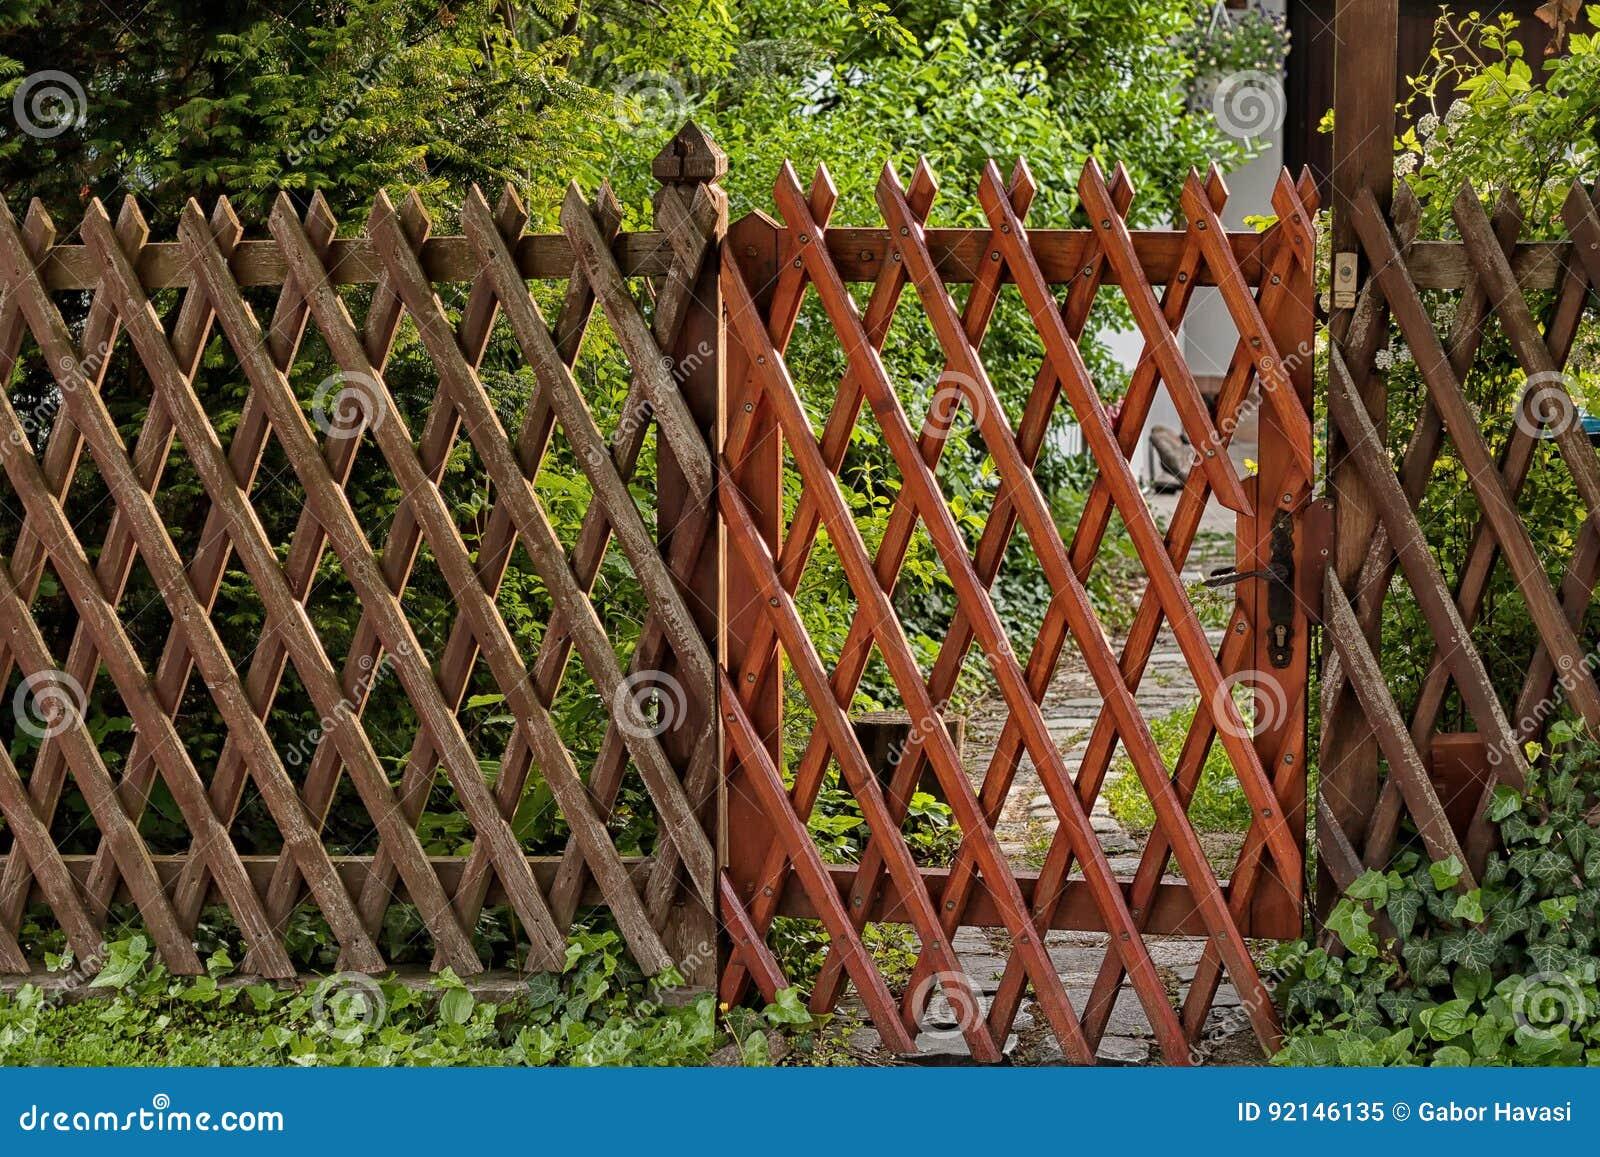 Wooden lattice grid stock image. Image of mesh, door - 92146135